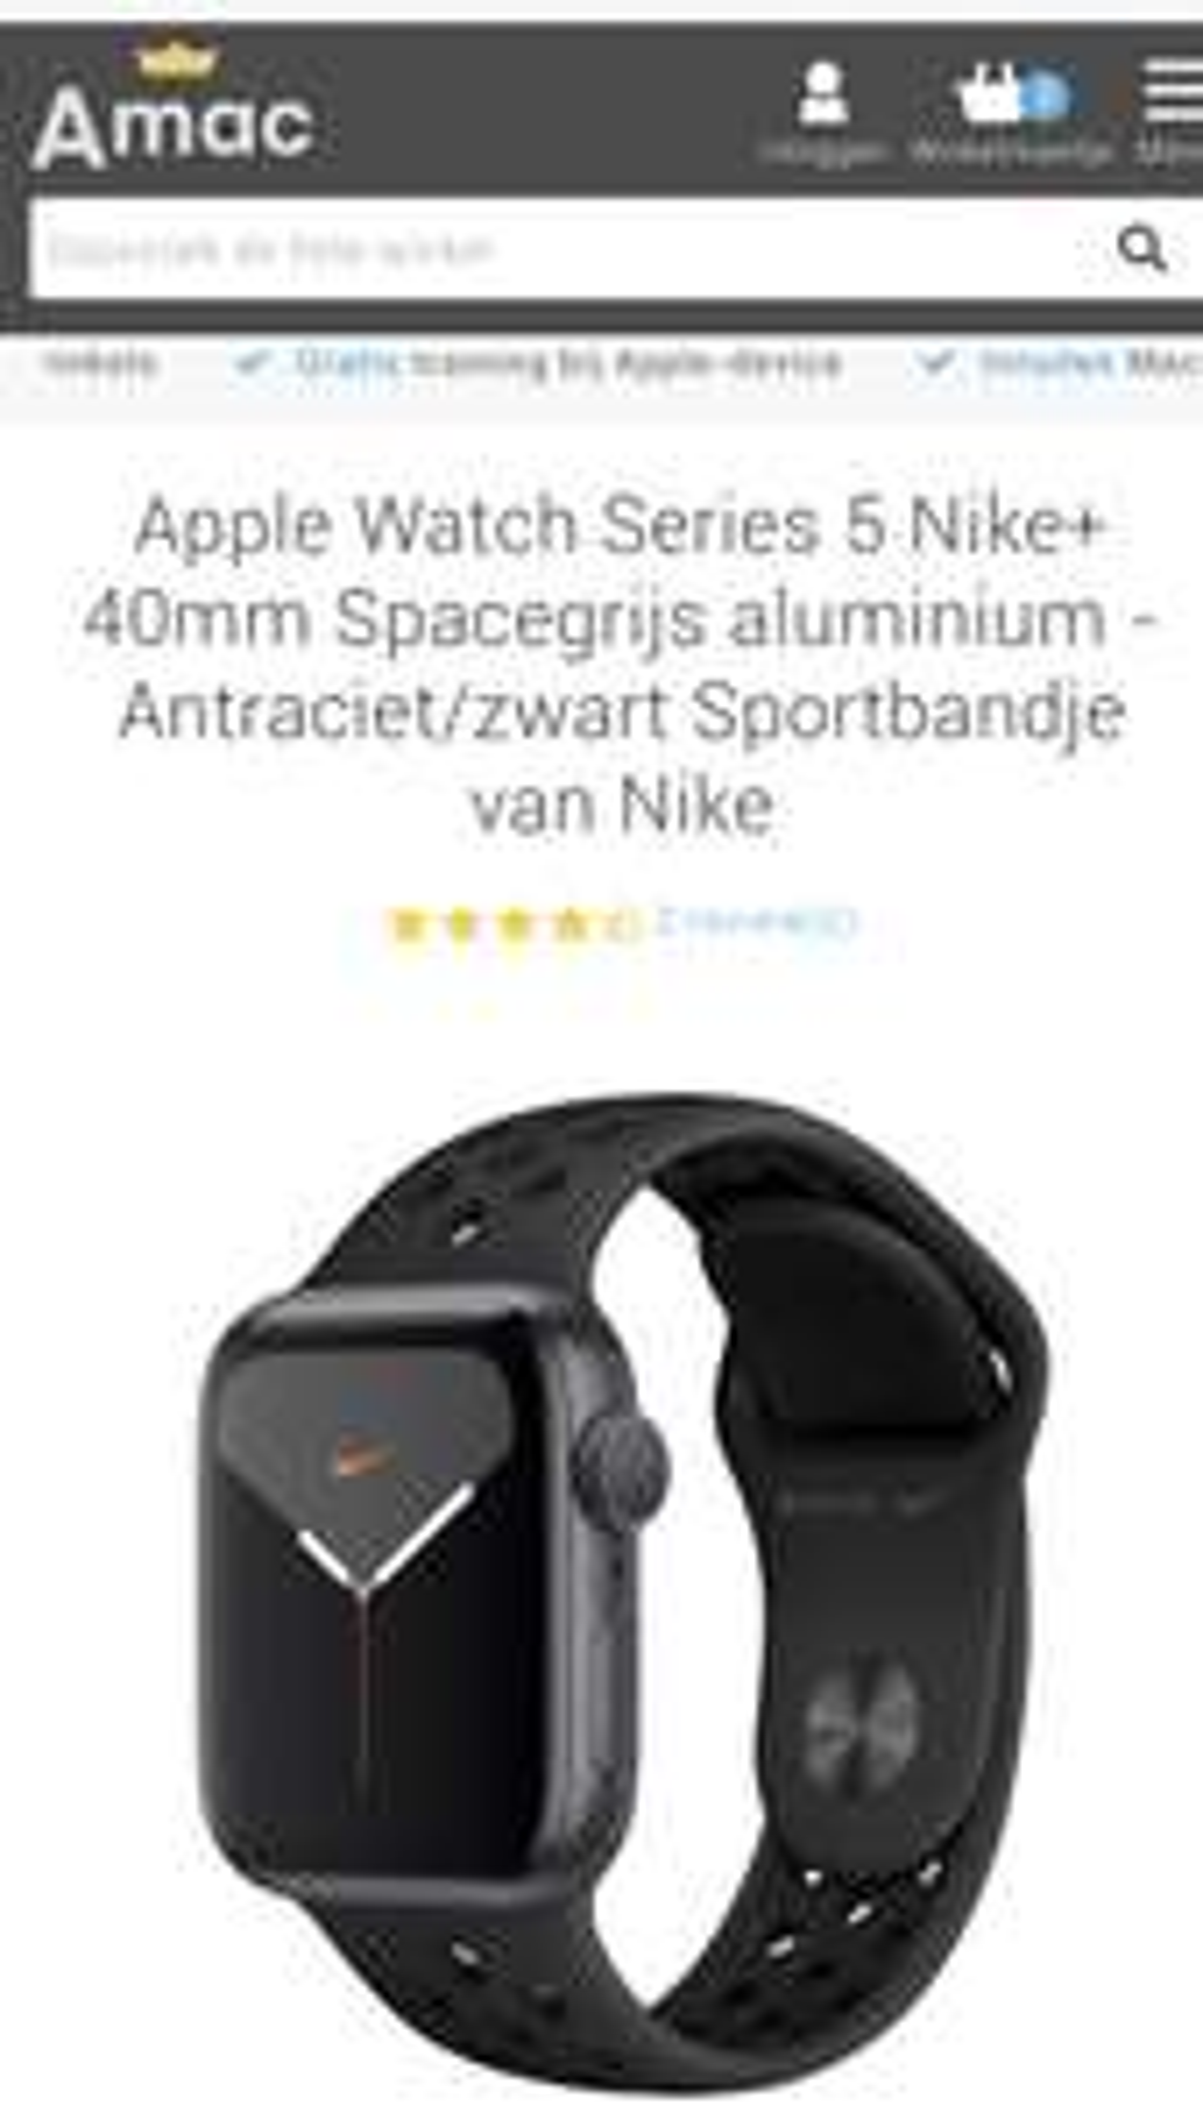 Apple Watch Series 5 Nike+ 40mm Spacegrijs aluminium - Antraciet/zwart Sportbandje van Nike